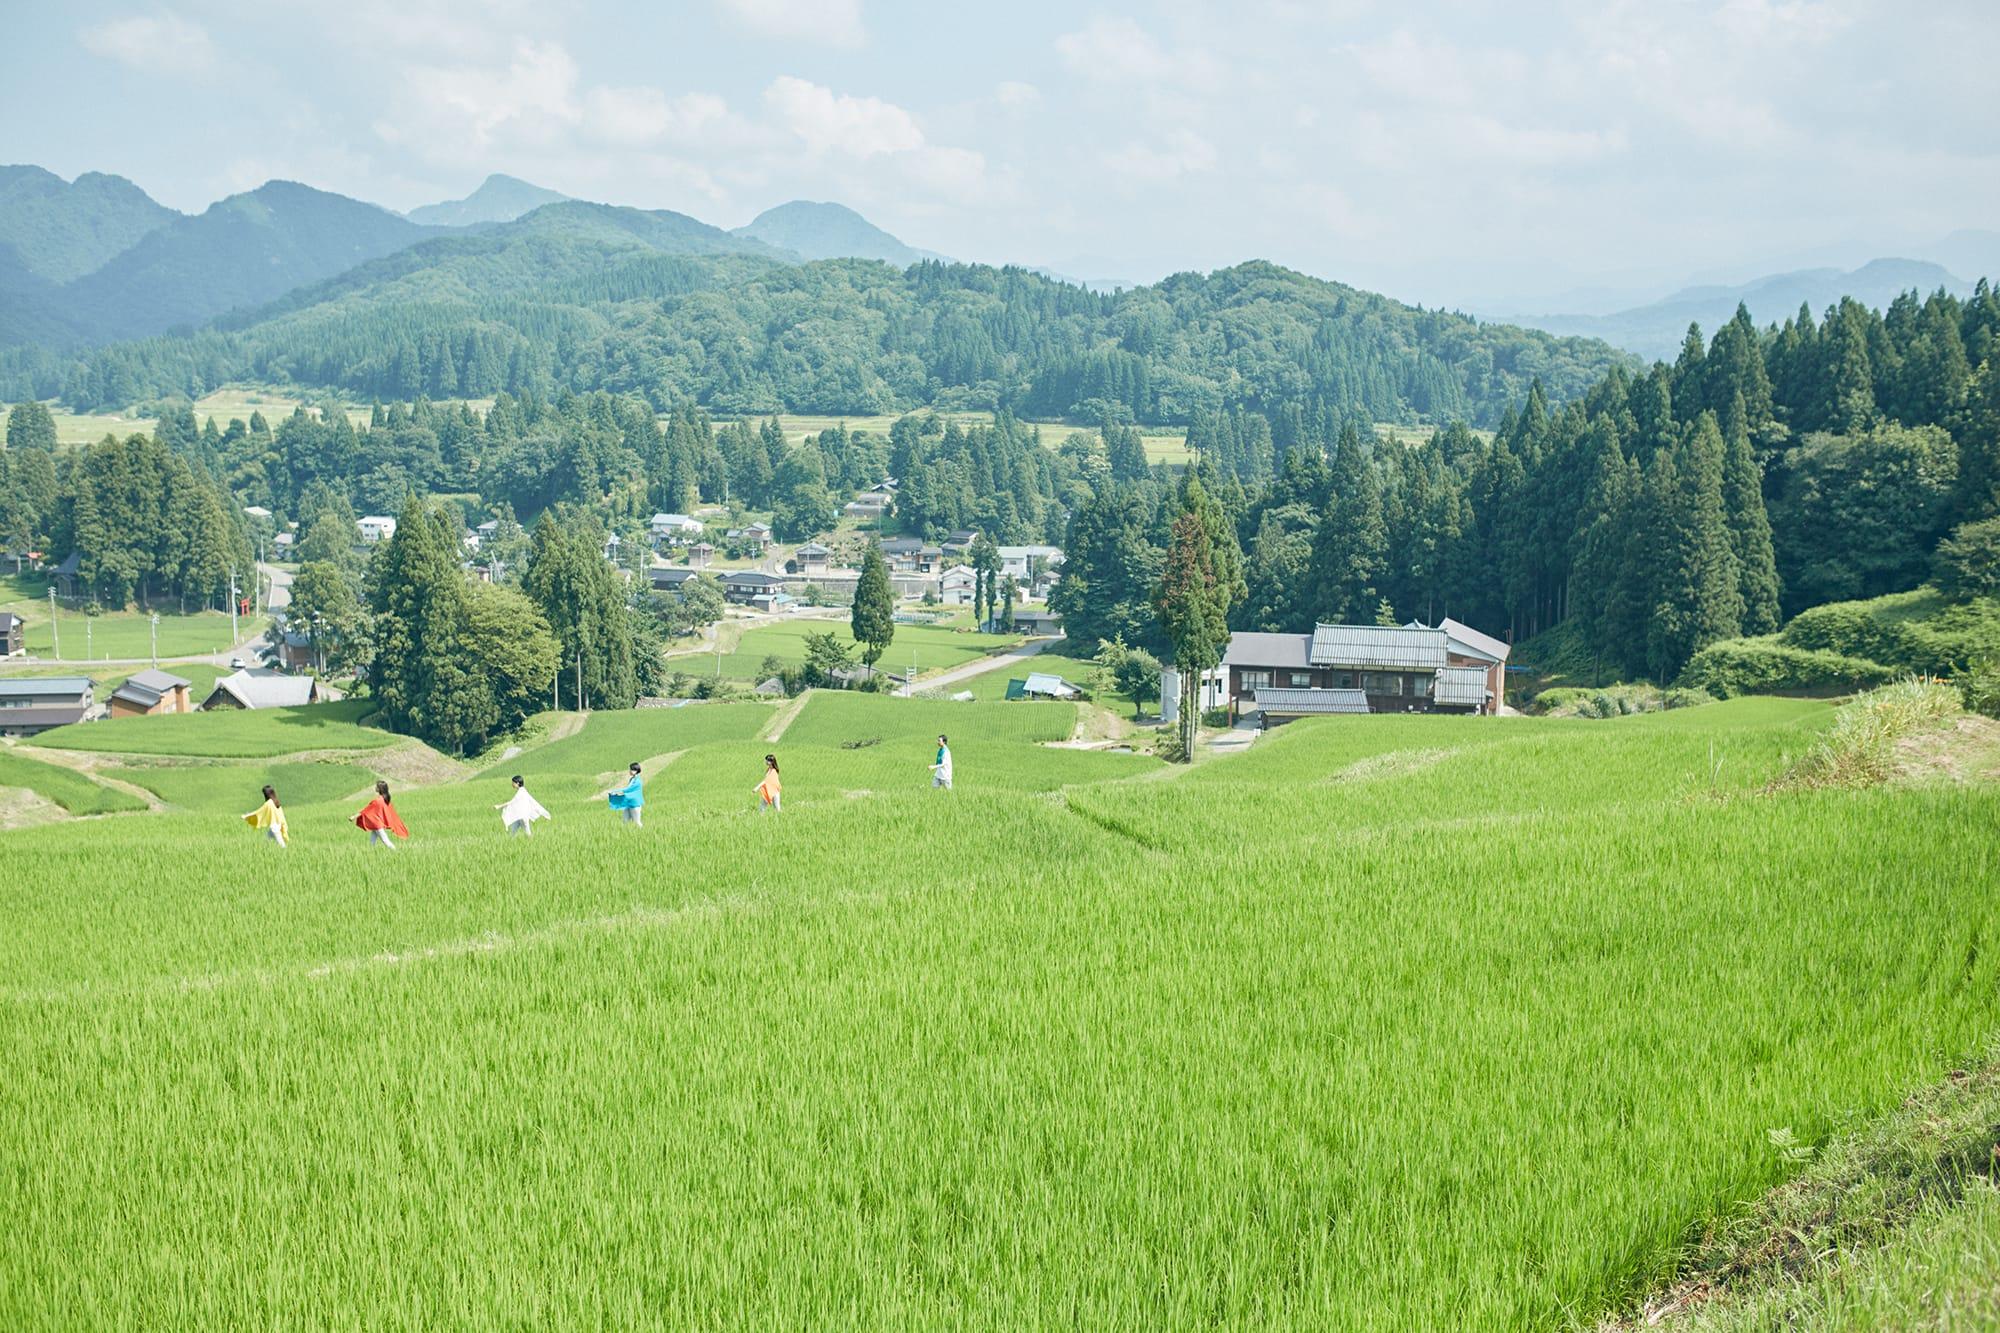 夏の五泉の風景(トップ画像と同じ位置から撮影)。夏の日差しや室内の冷房から身を守るsummer nicoは人気商品。